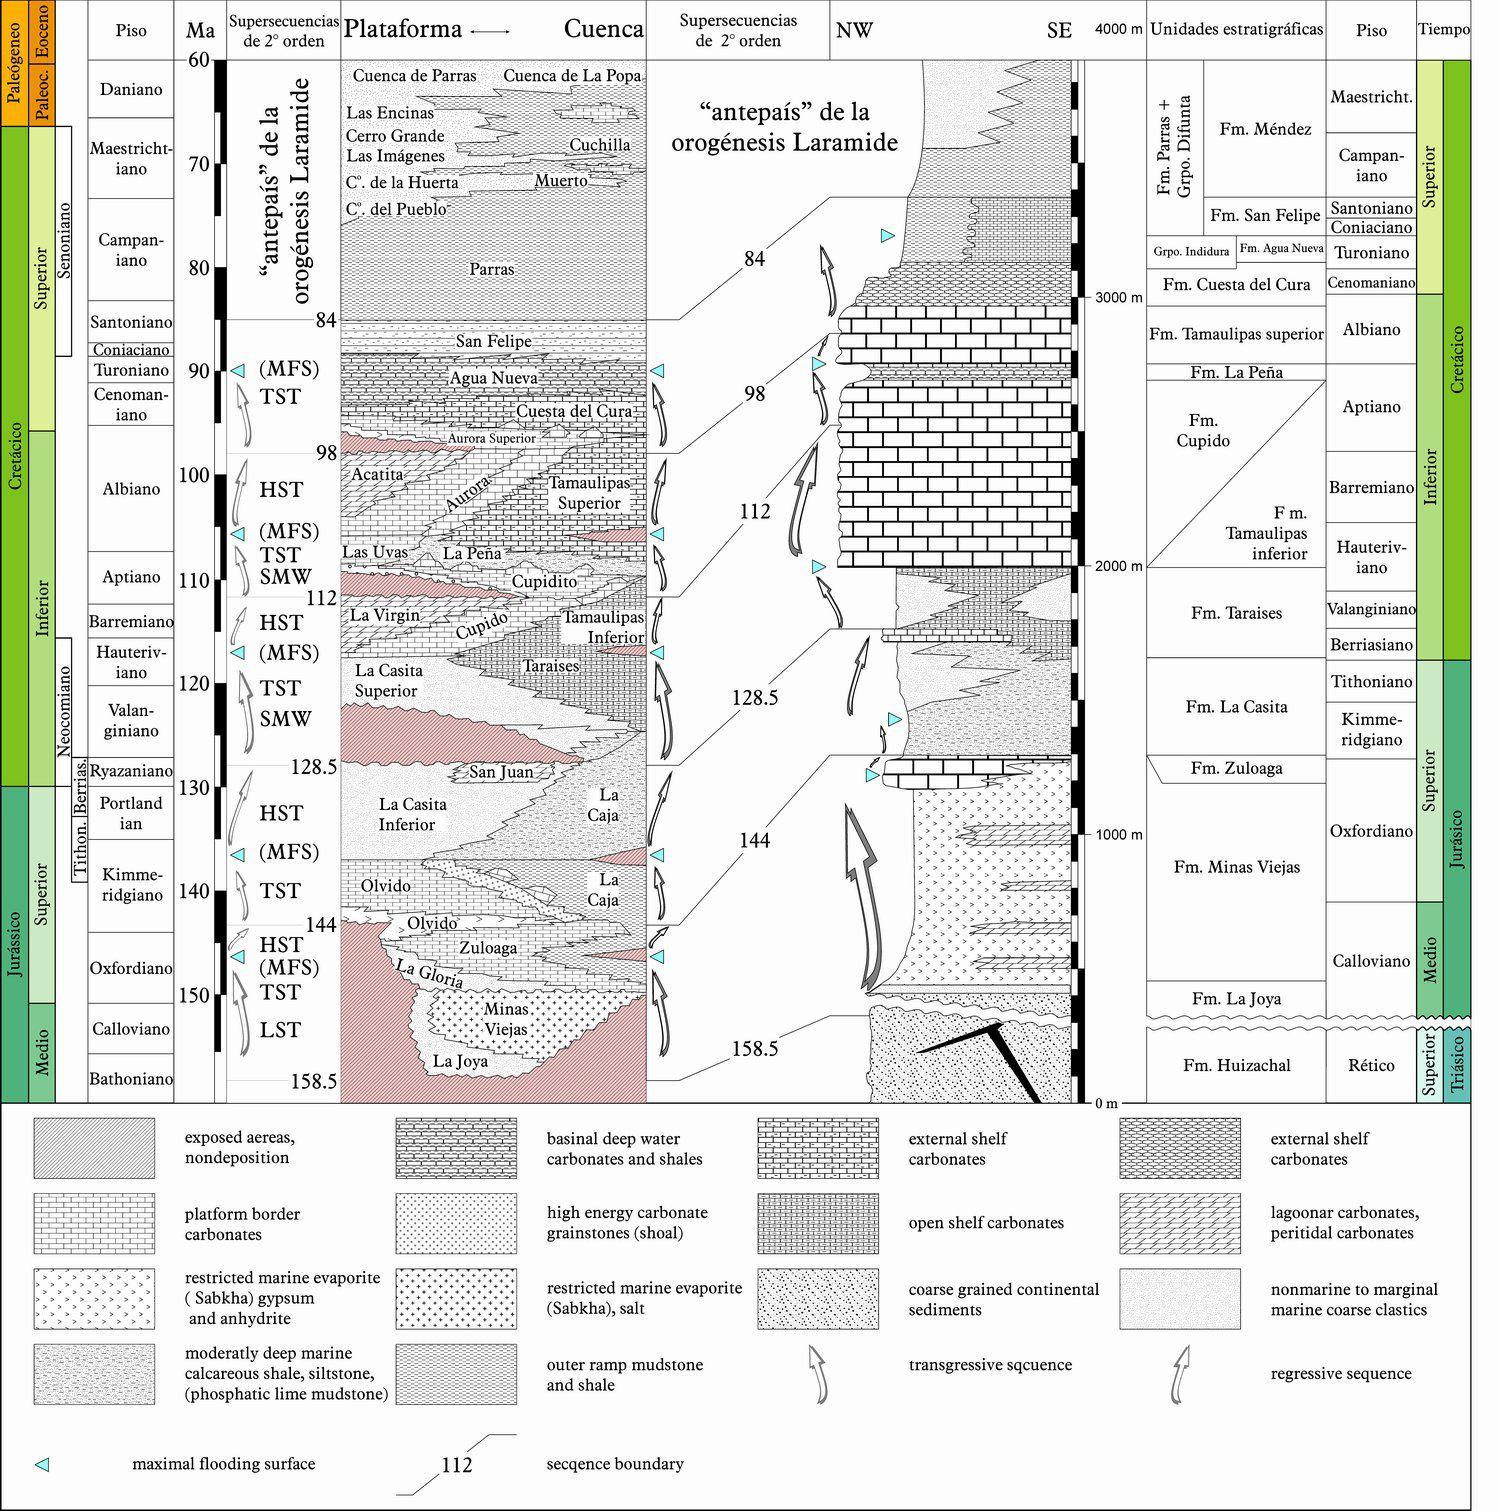 carta geologica los loros pdf completa